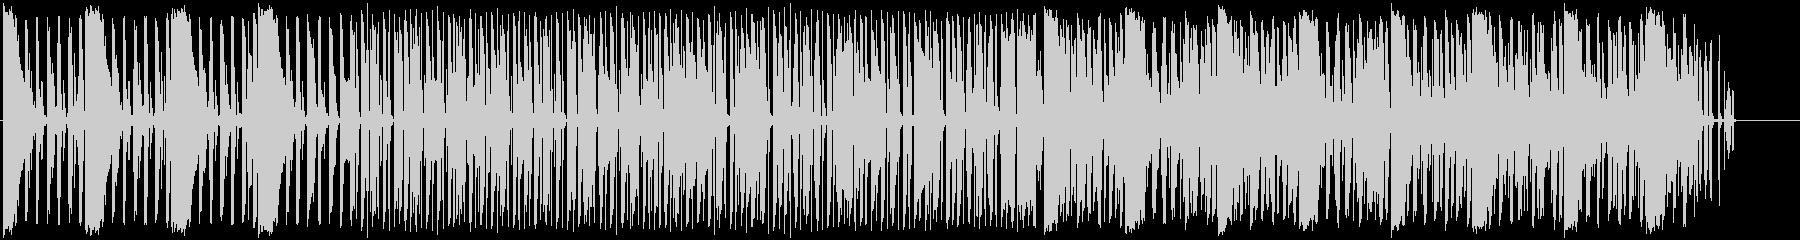 大人な勢いあるラップミュージックの未再生の波形